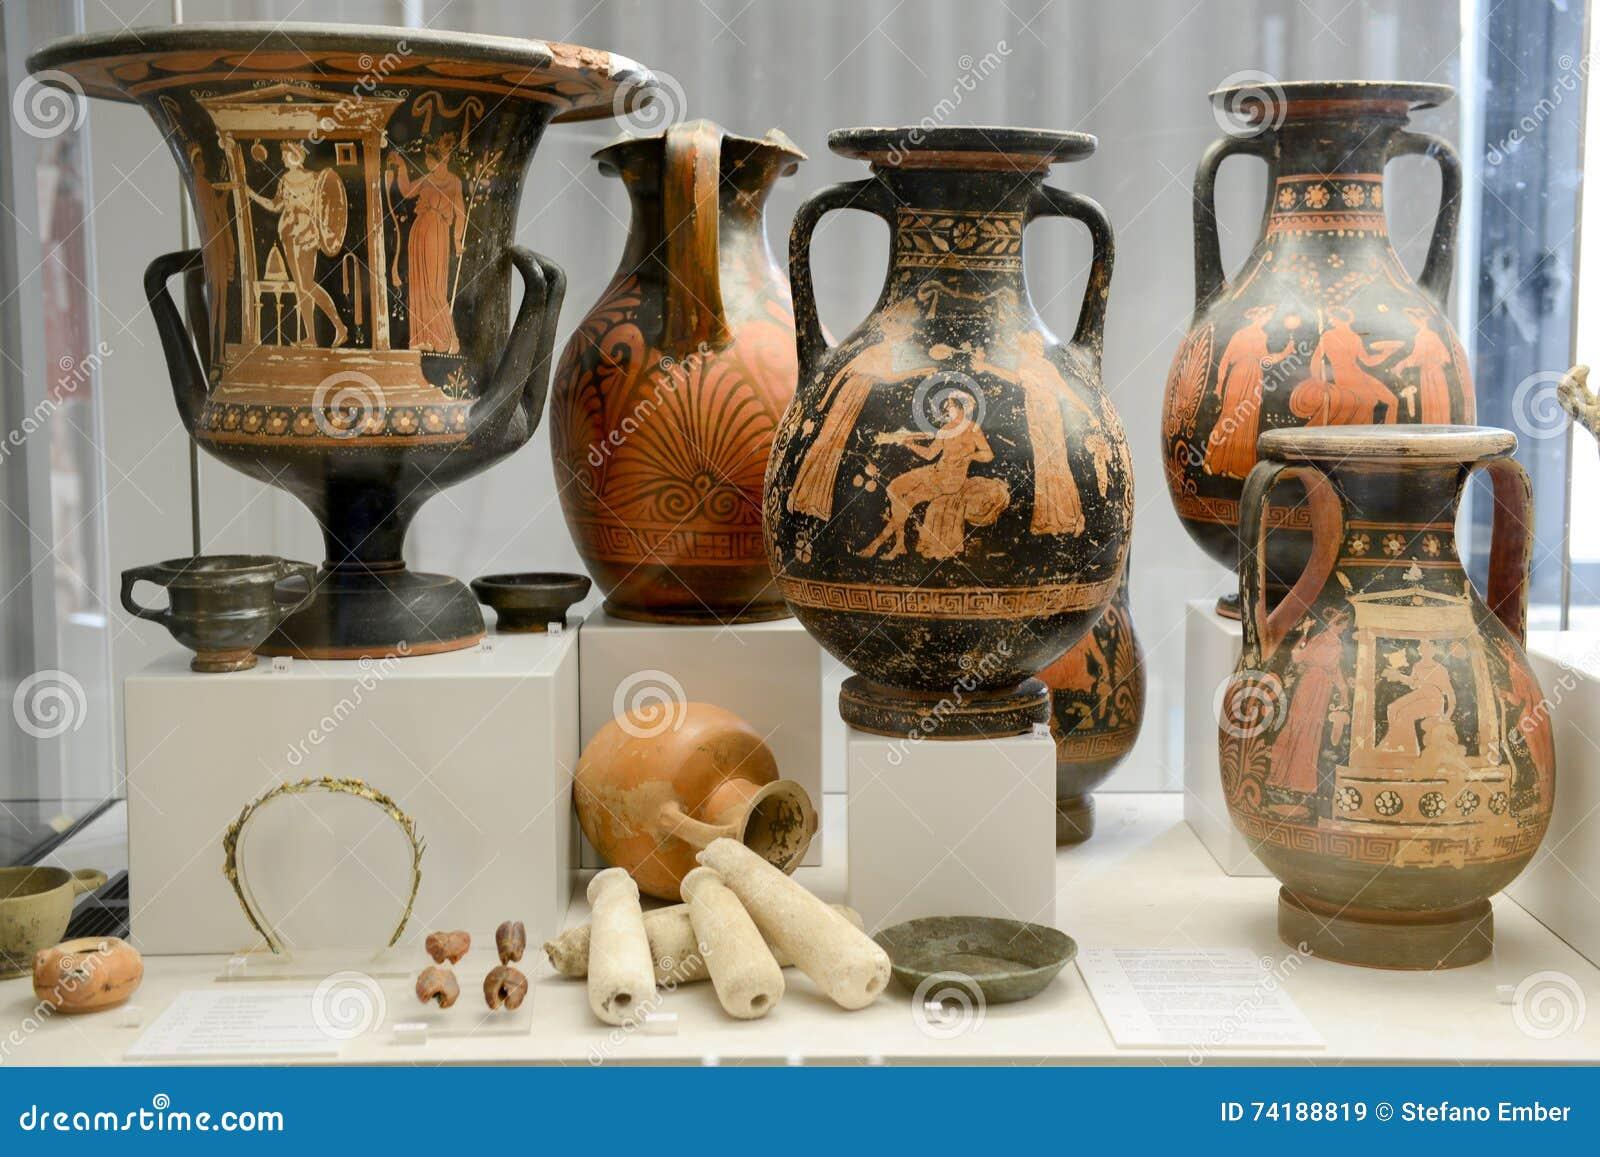 Anfore antiche del museo alle rovine romane in egnazia for Antiche ricette romane